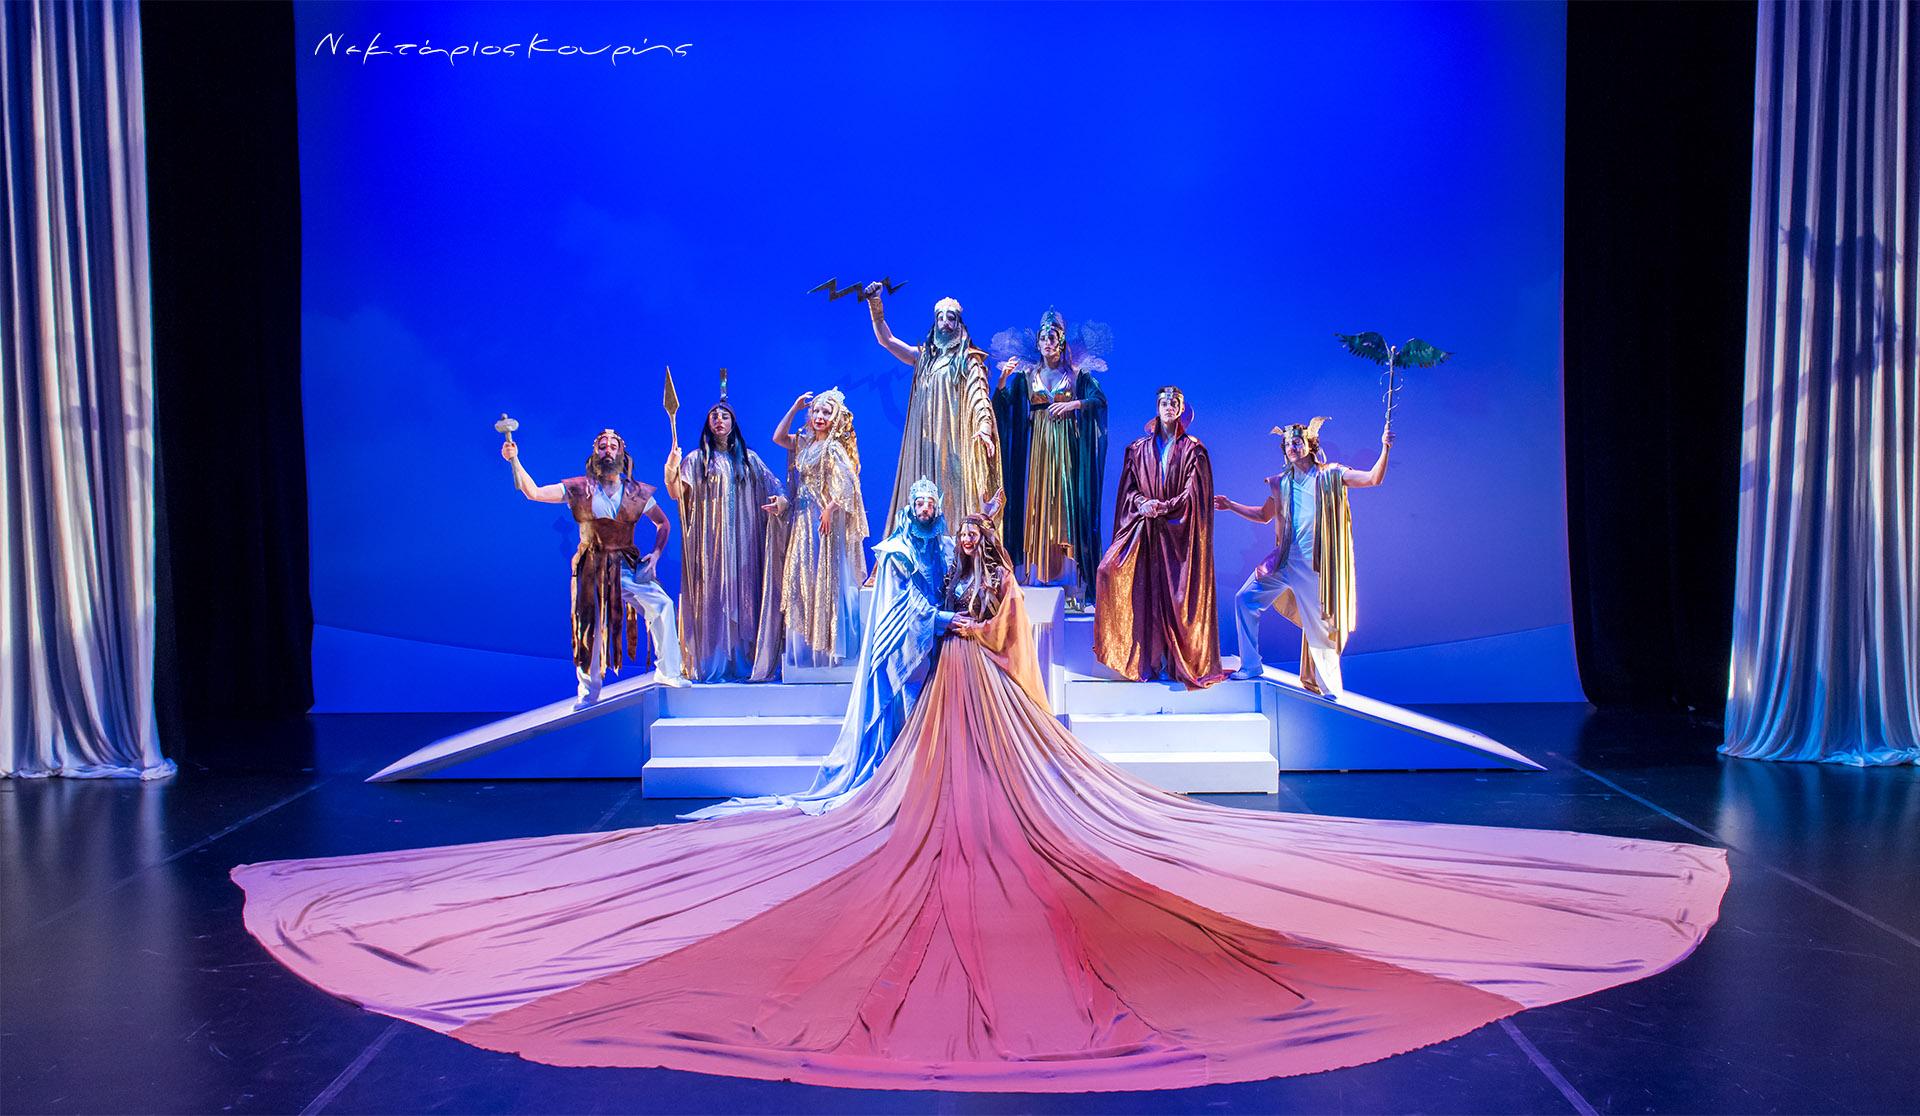 Η γέννηση του κόσμου και... ιστορίες των θεών του Ολύμπου